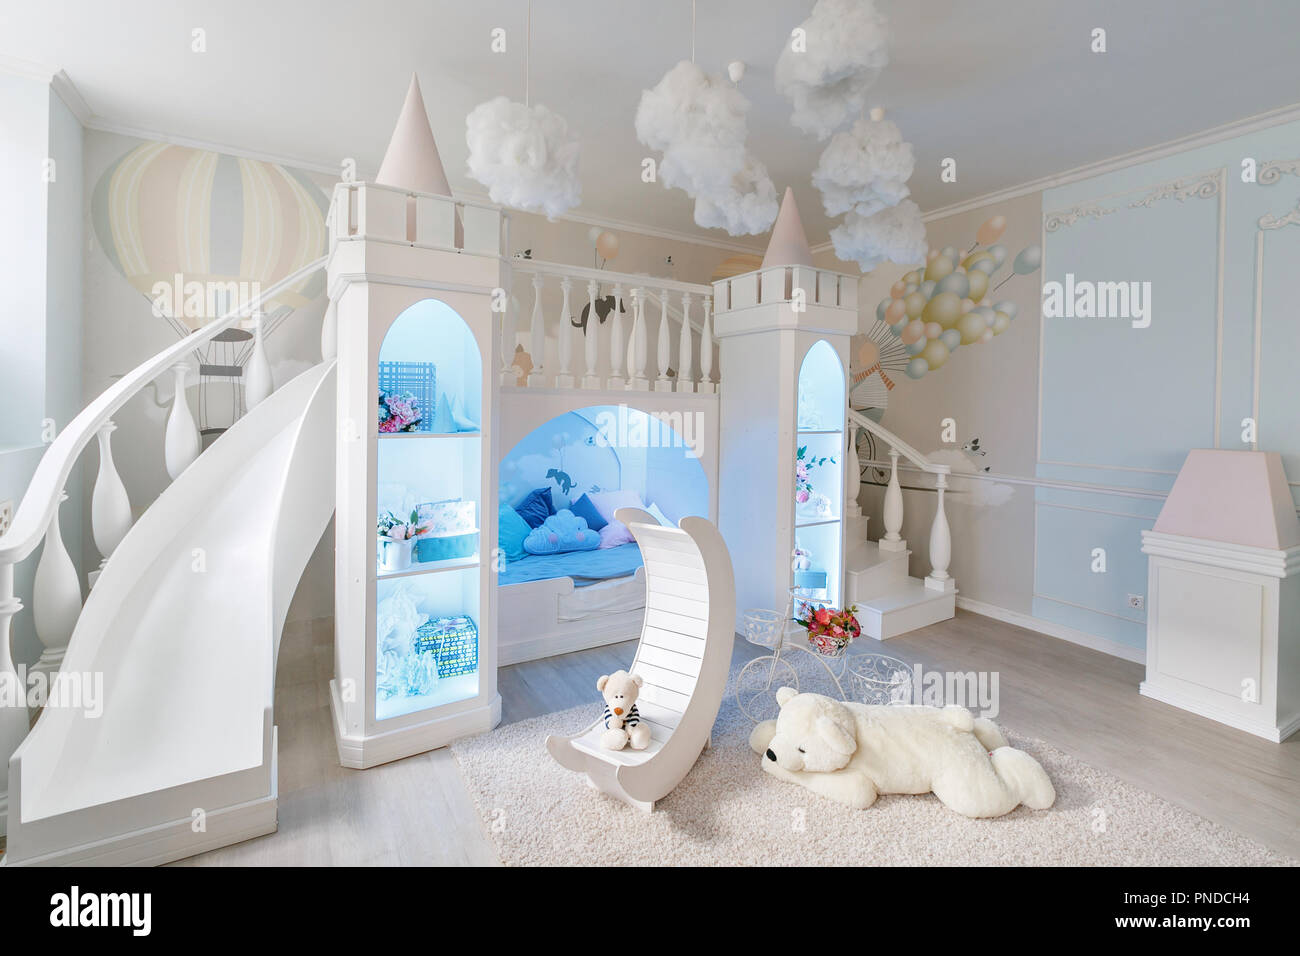 L\'intérieur d\'une spacieuse chambre pour enfants. Lit avec ...